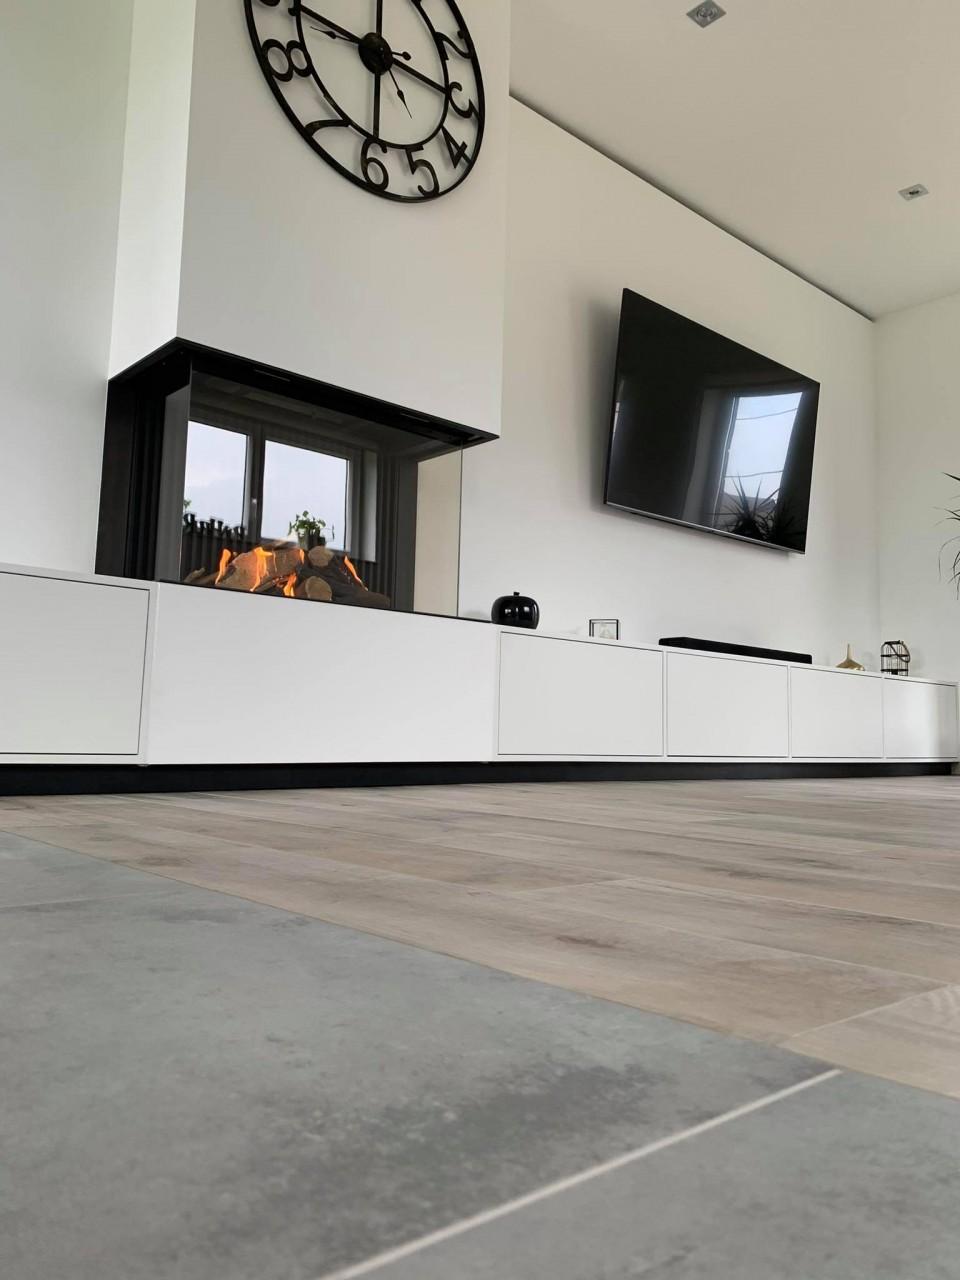 Juin 2021 - Nouvelle conception architecturale autour d'un foyer gaz Kalfire Fireplaces 3 faces !